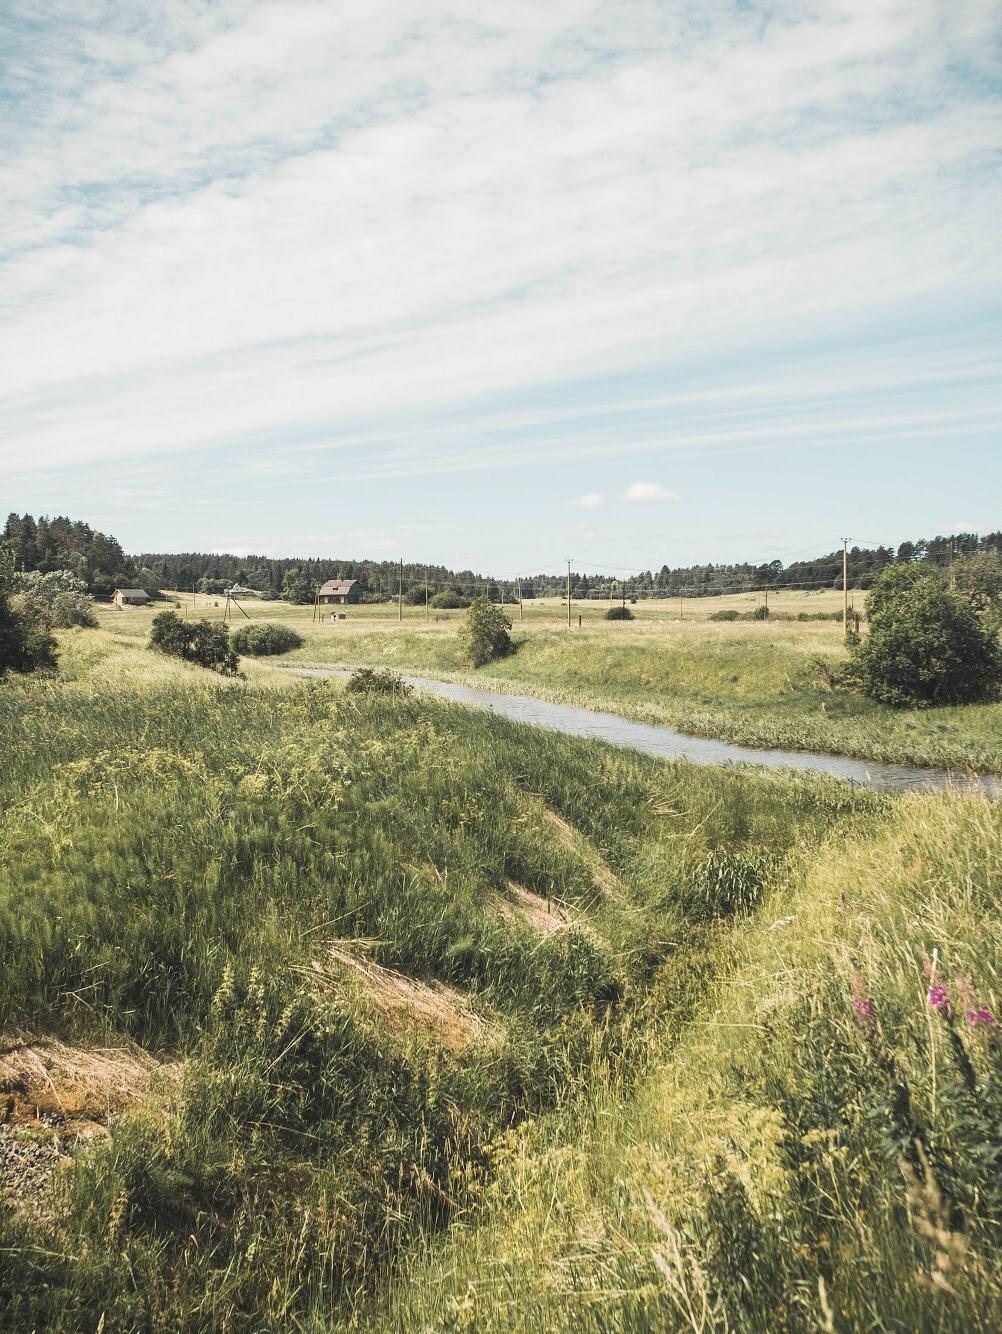 Sweet Karelia by George Kascheev